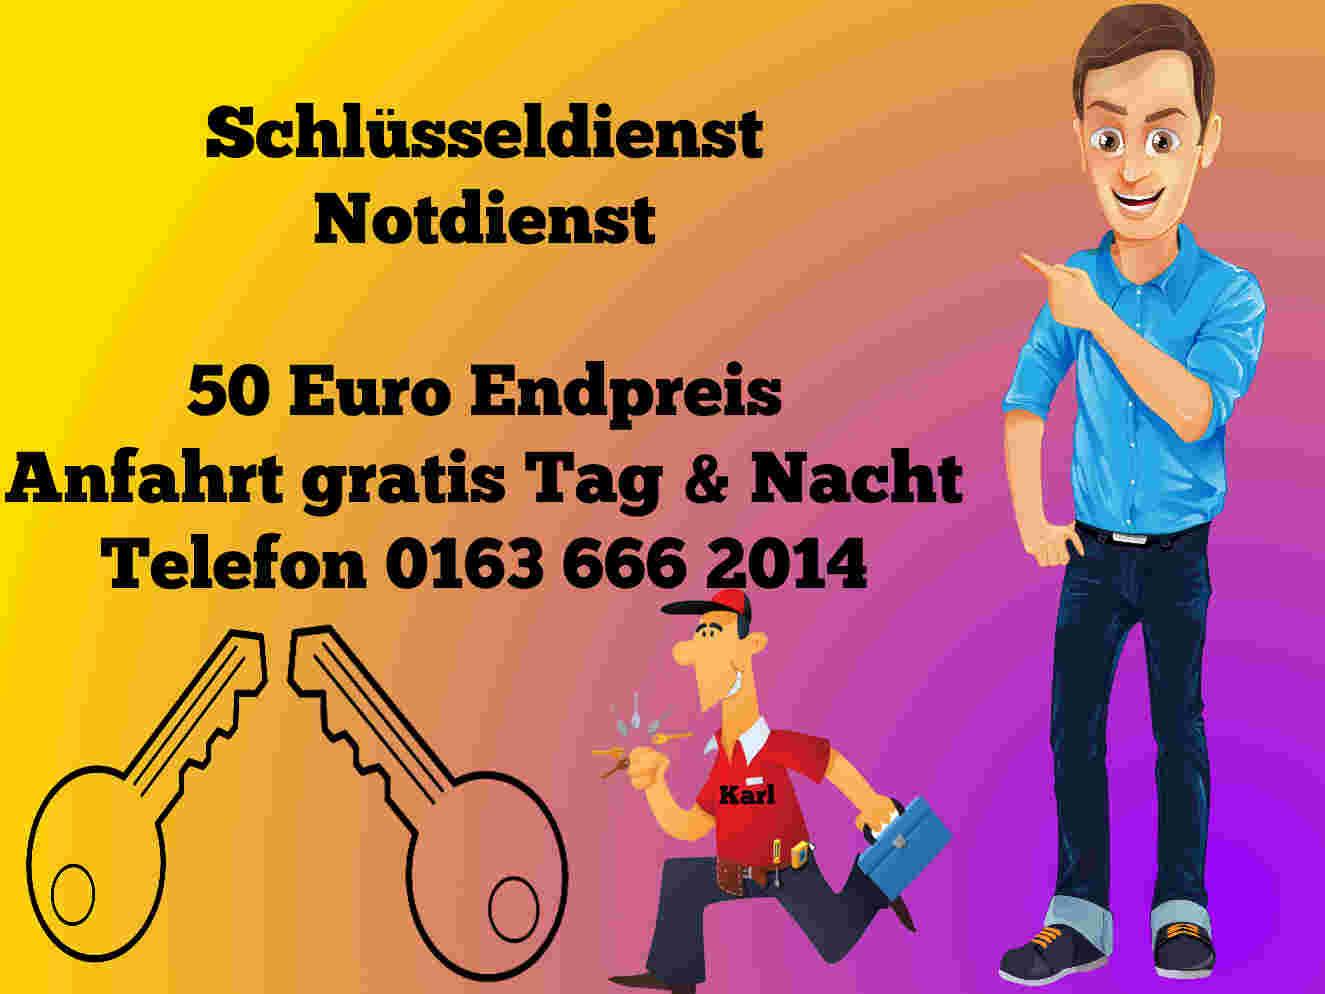 Schlüsseldienst Eschweiler - Tür öffnen 50 Euro Endpreis